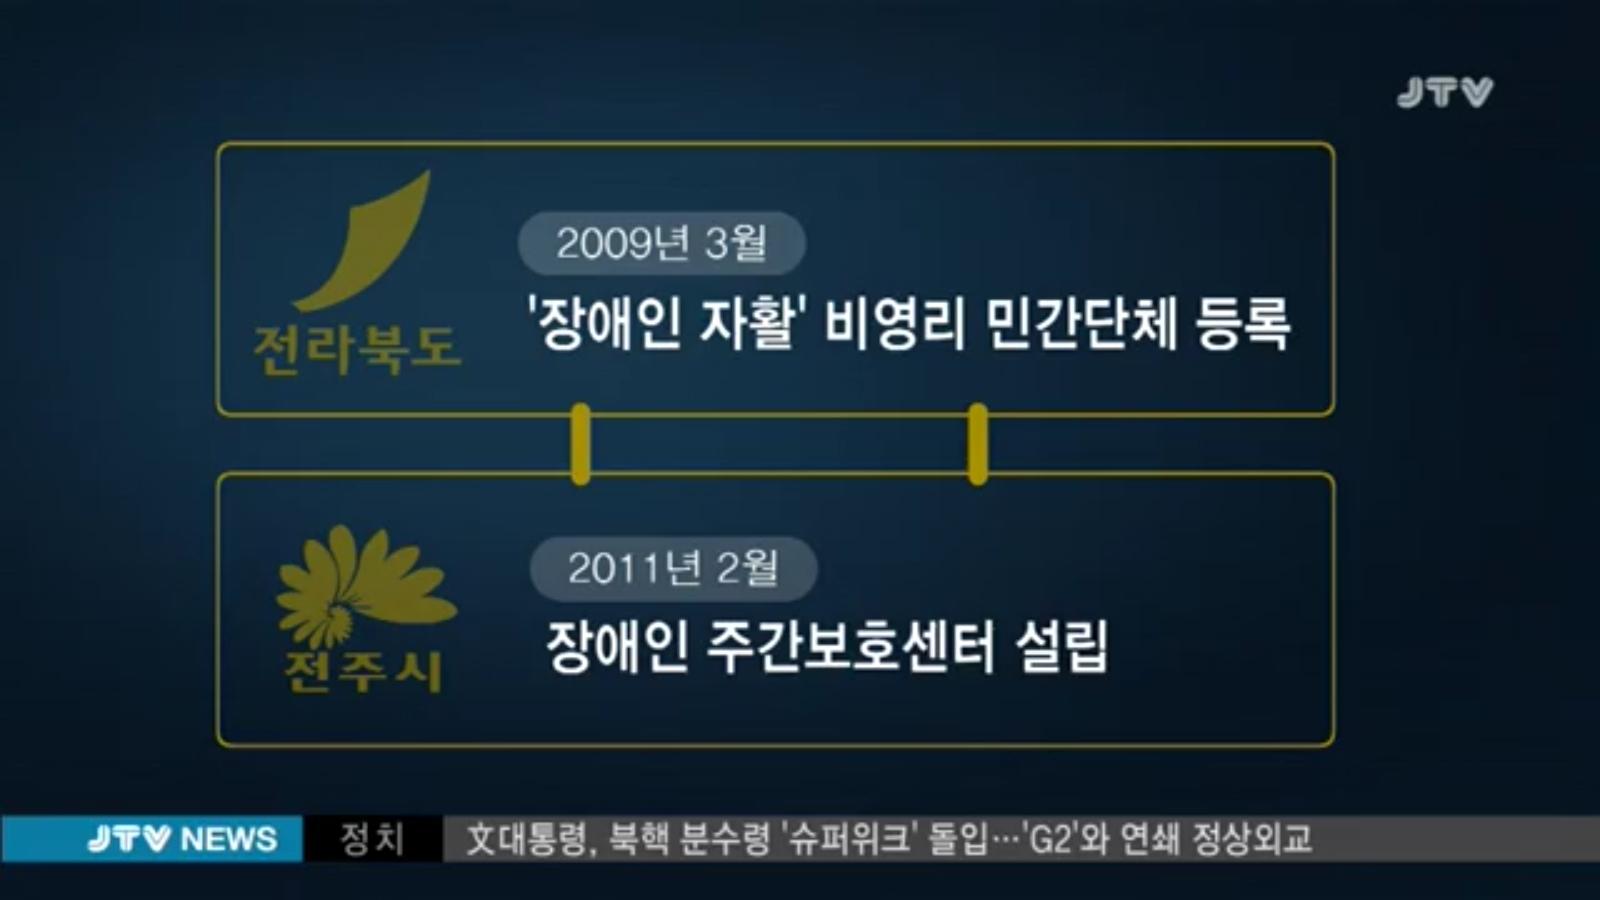 [17.11.05 JTV] 봉침목사 시설 모태인 단체도 설립부터 '엉터리'...줄줄 새는 보조금2.jpg